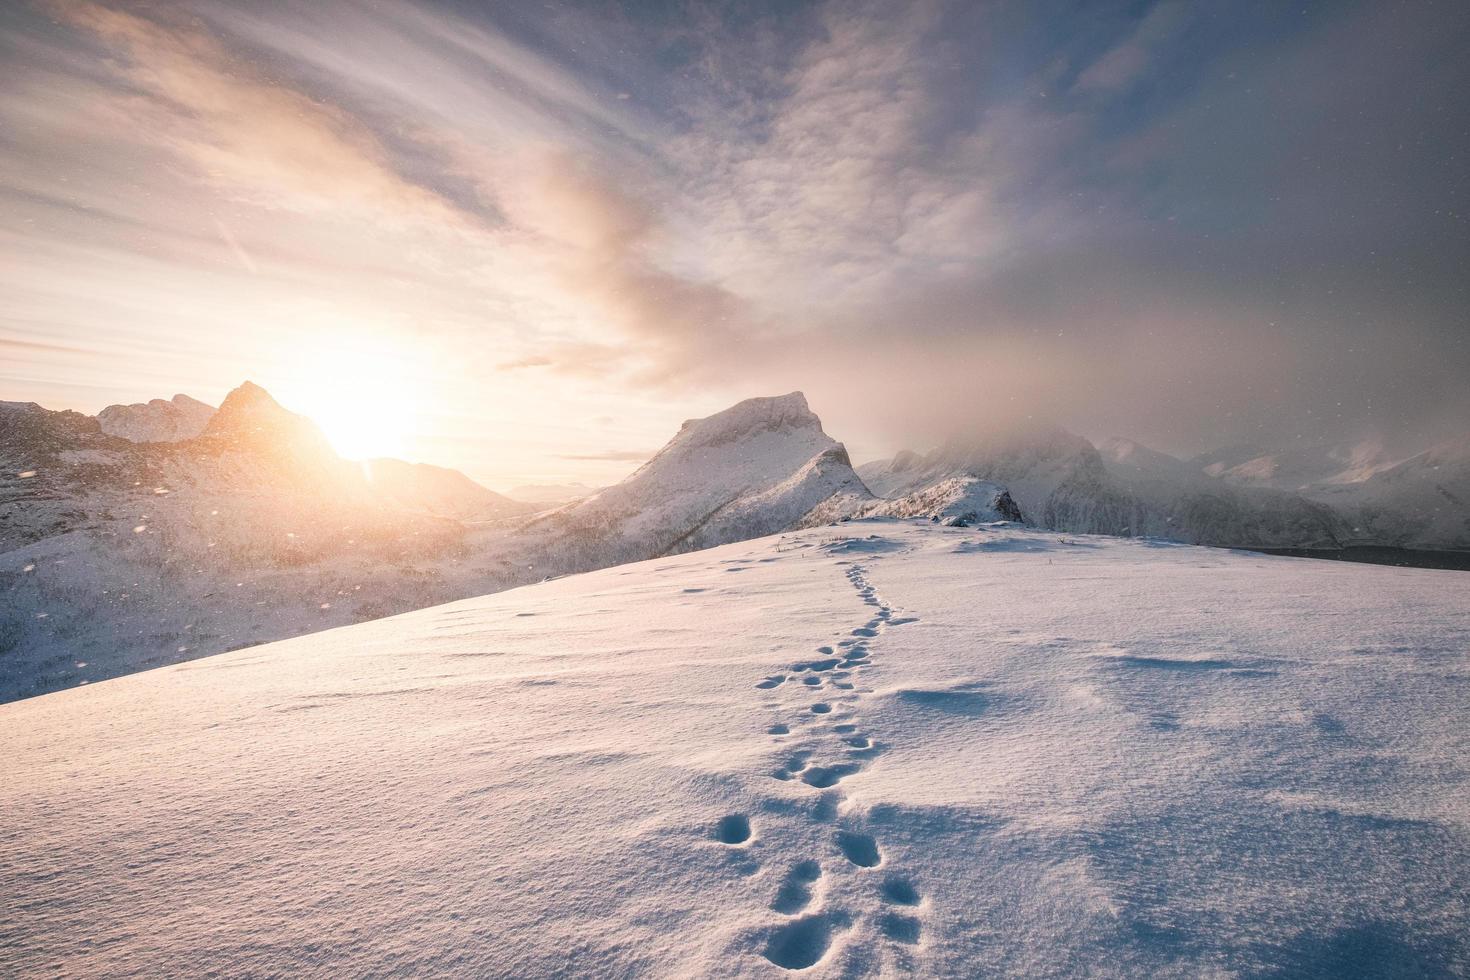 schneebedeckte Fußspuren auf dem Bergrücken foto